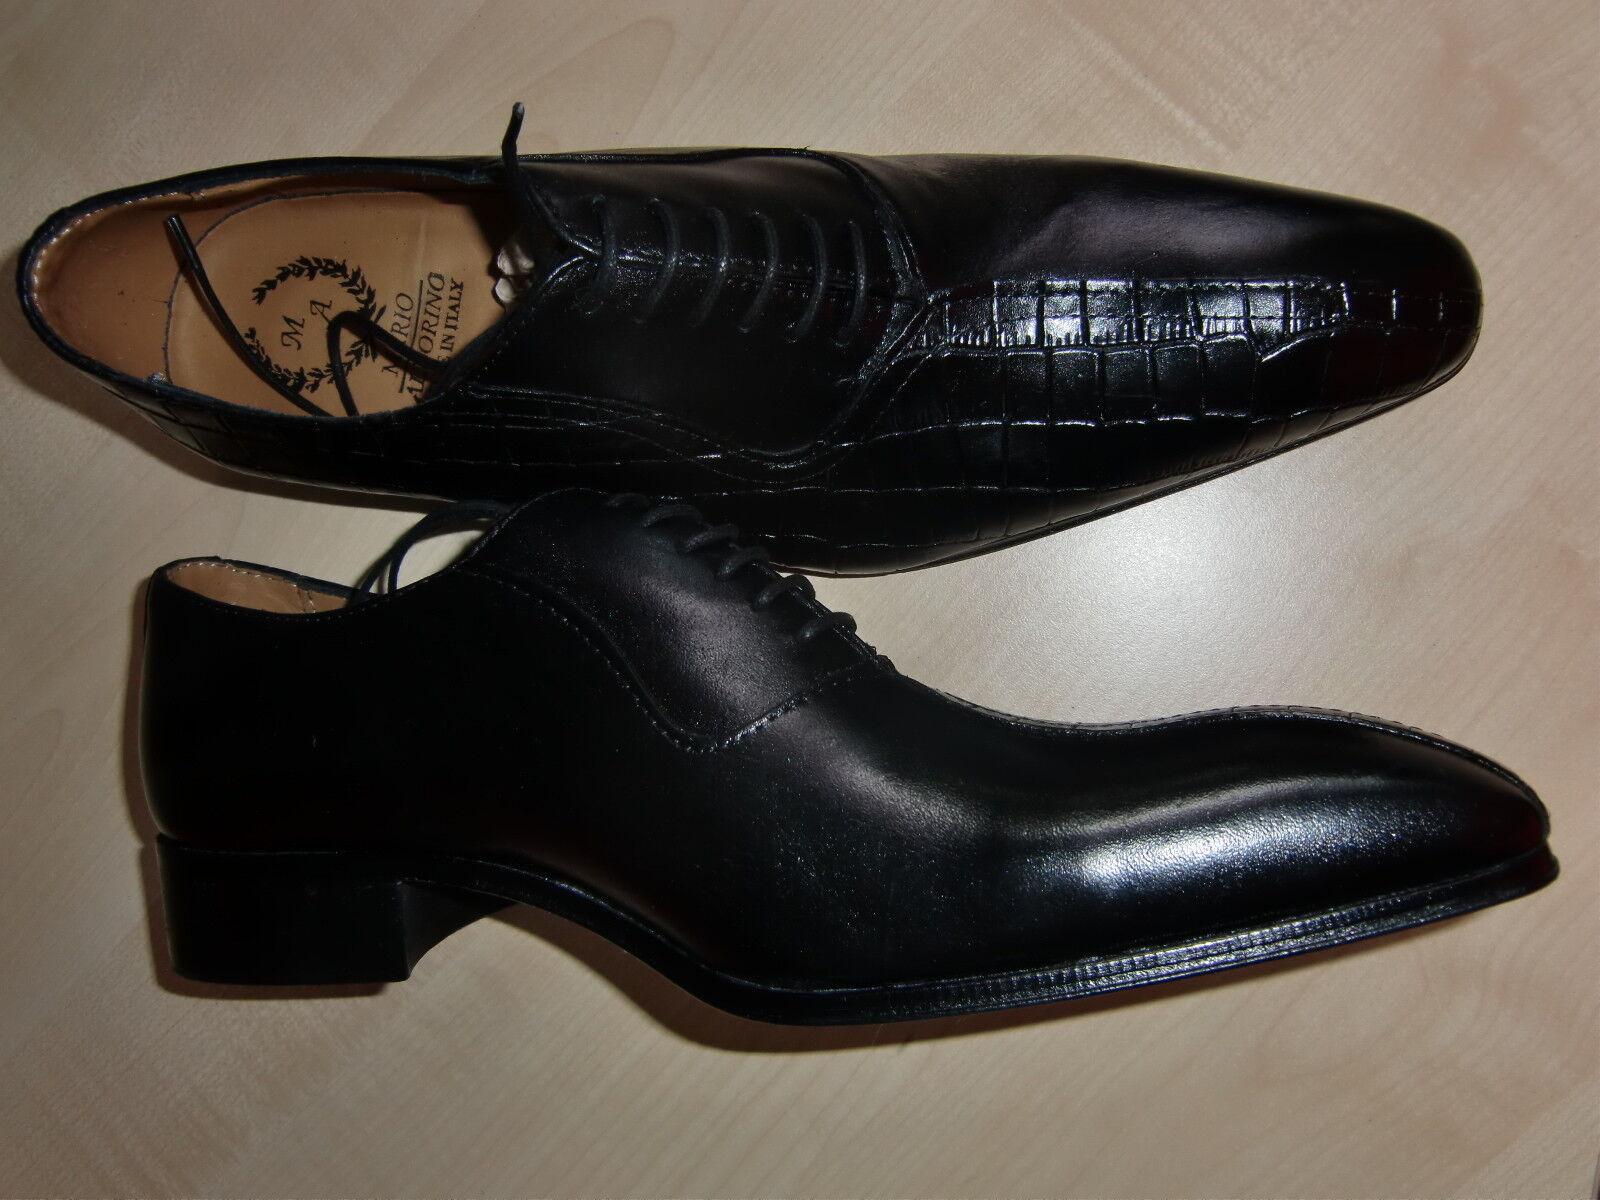 Mario Alborino, eleganter Schnürschuh für Herren, Gr. 42, schwarz, Leder, neu